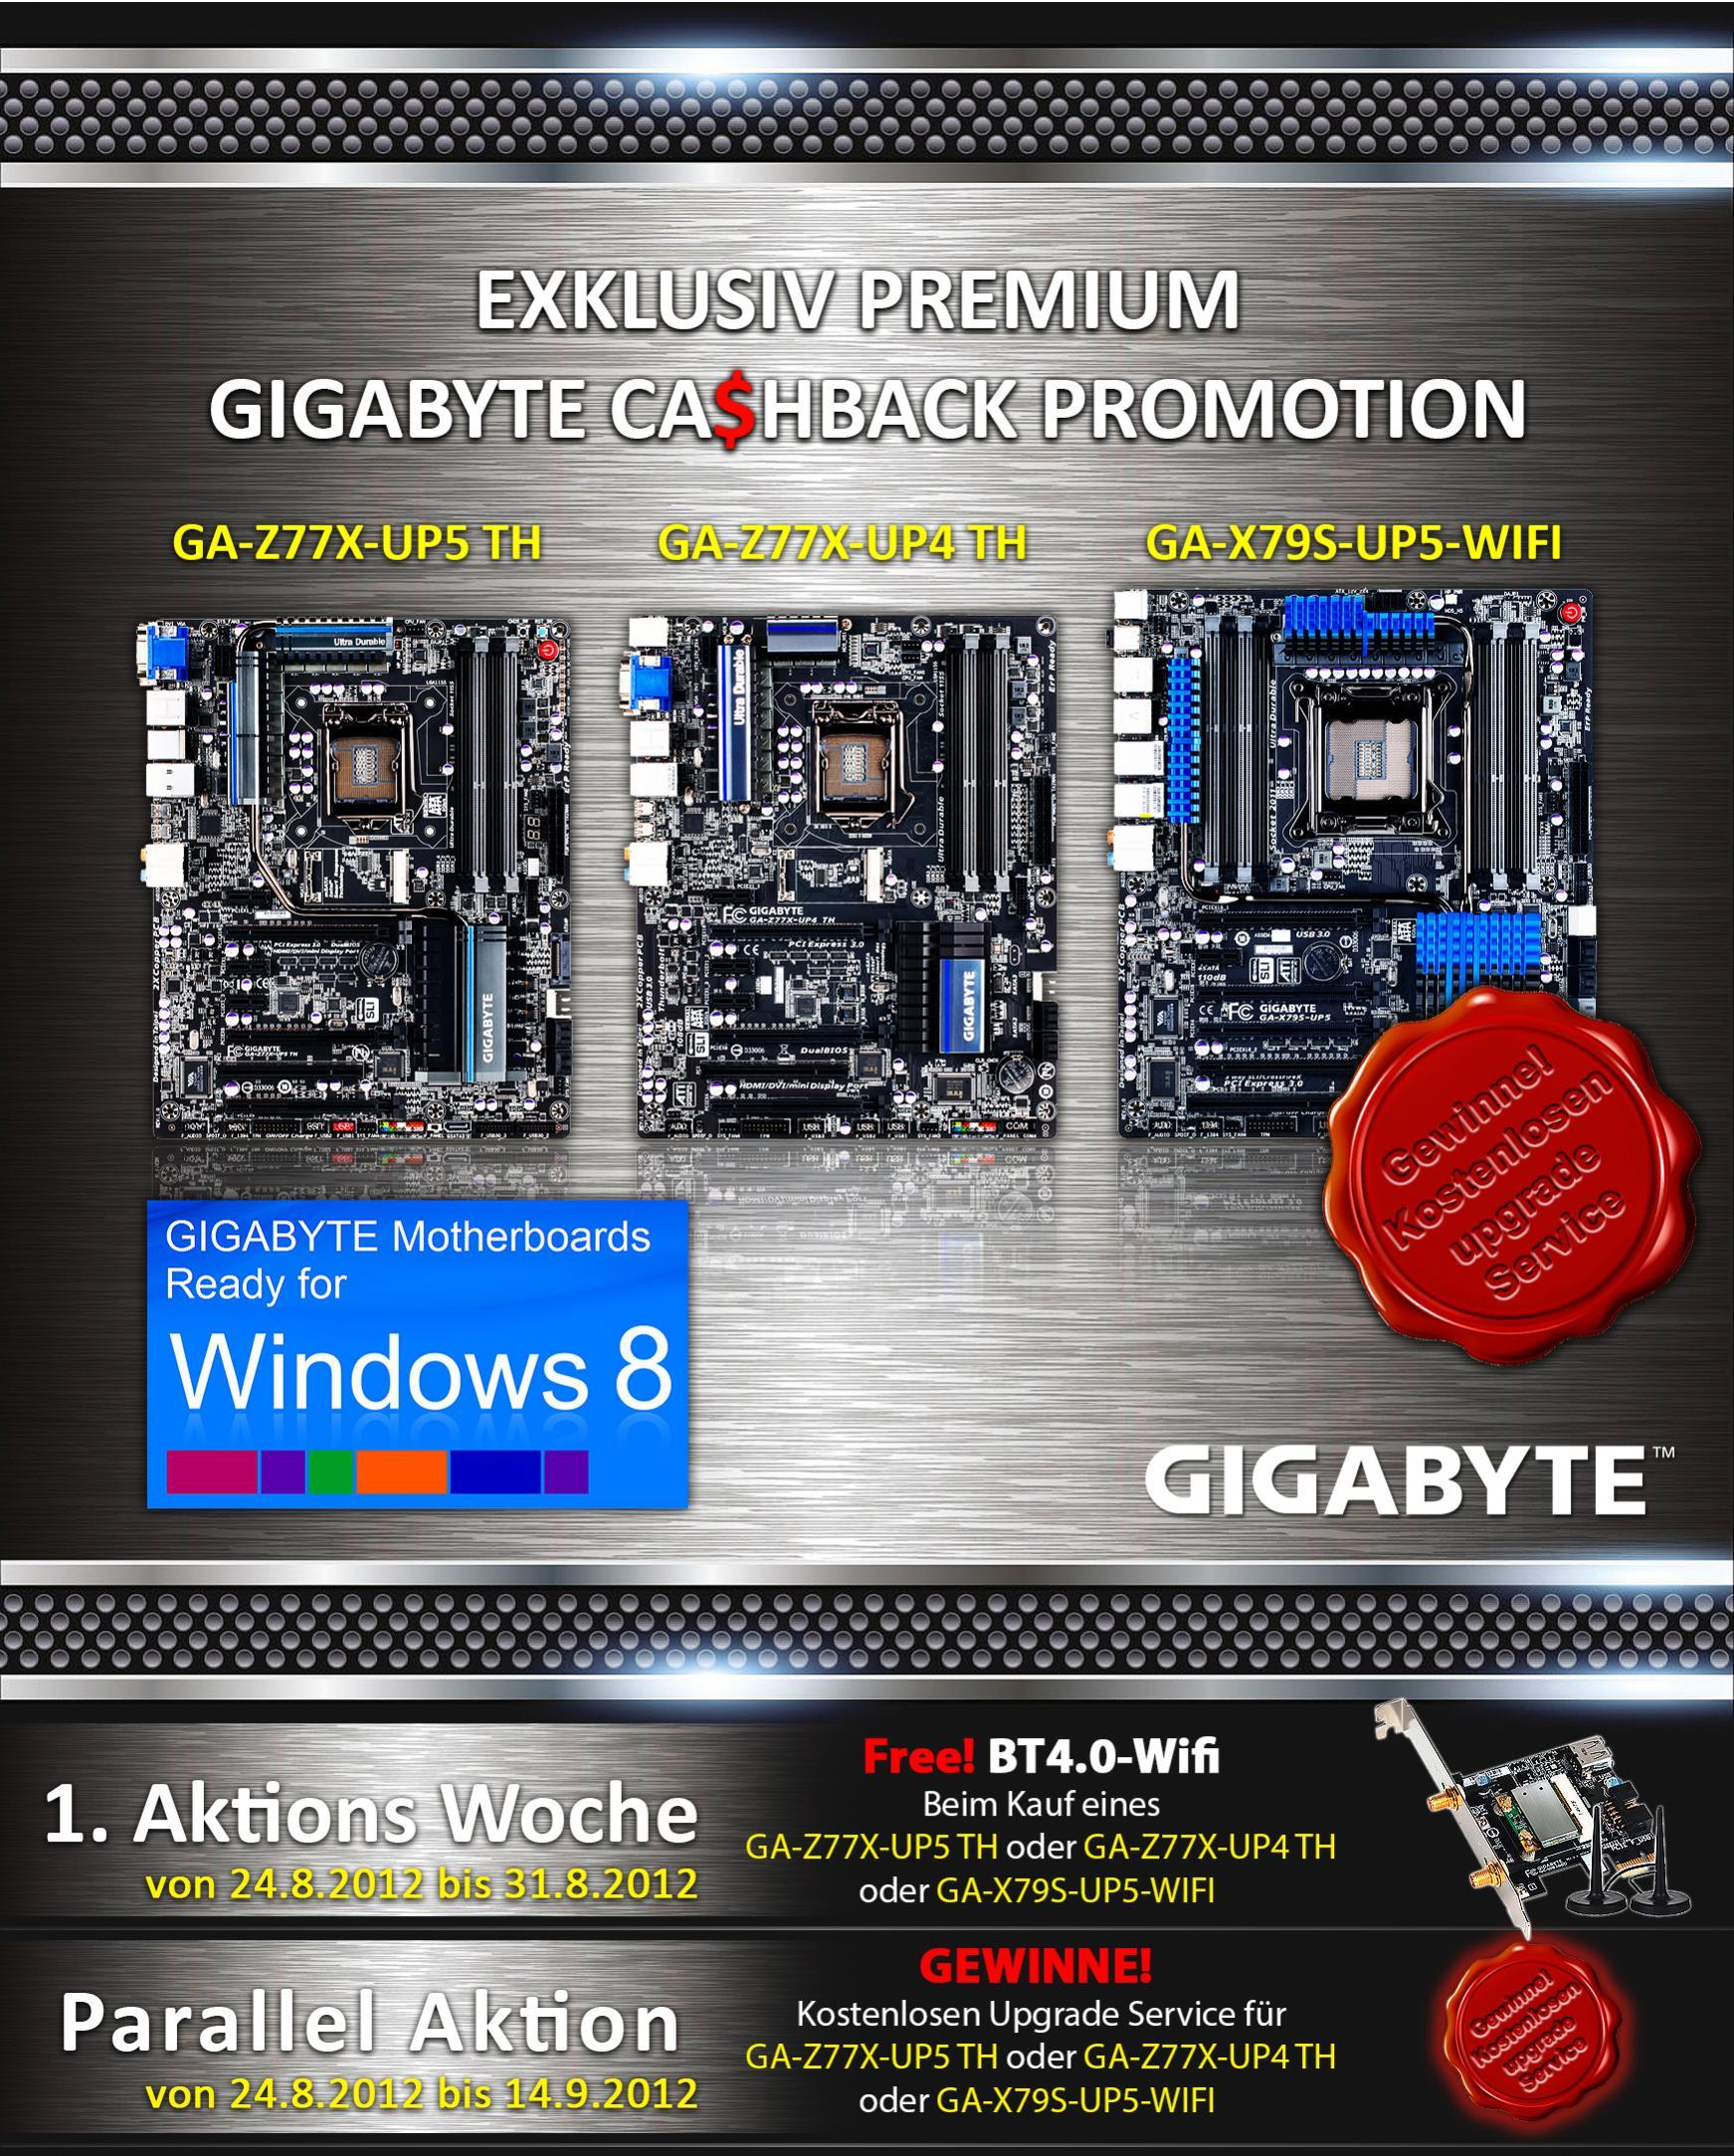 Willkommen zu den GIGABYTE Aktionen und Informationen-neu-cashbak-2012-august.jpg